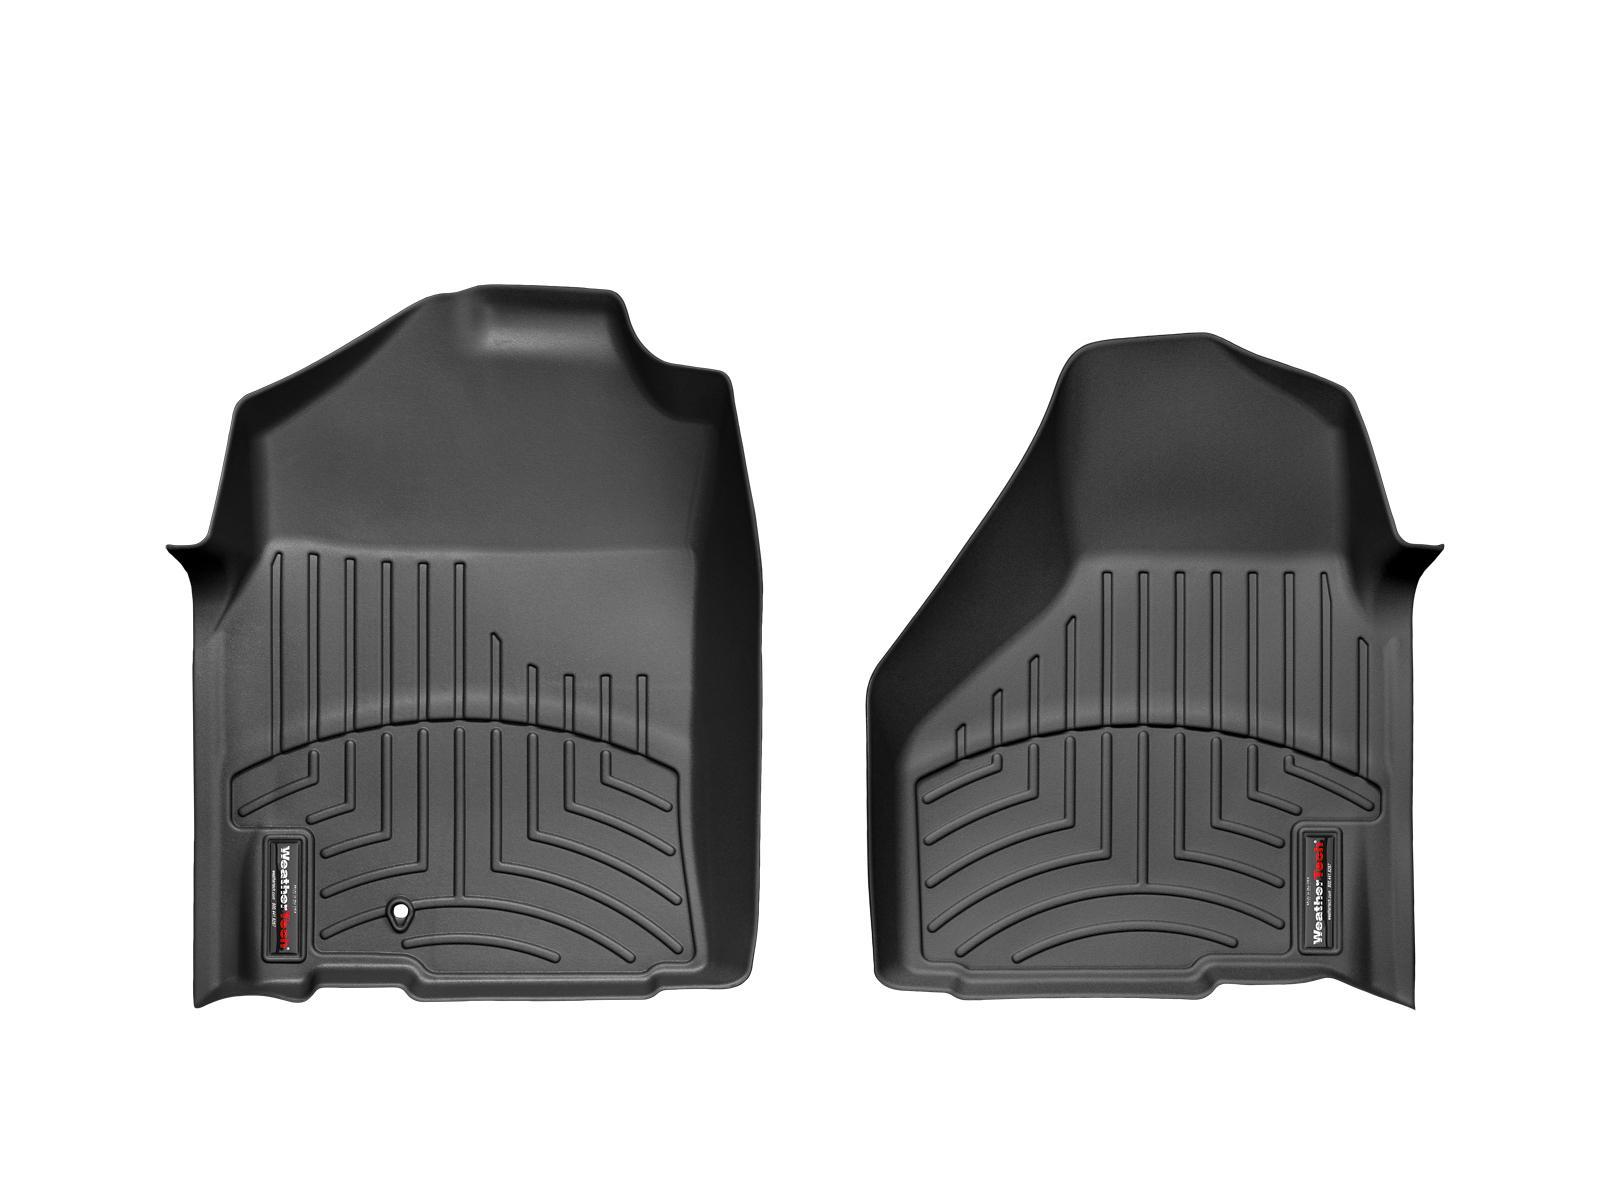 Tappeti gomma su misura bordo alto RAM Ram 1500 09>11 Nero A3177